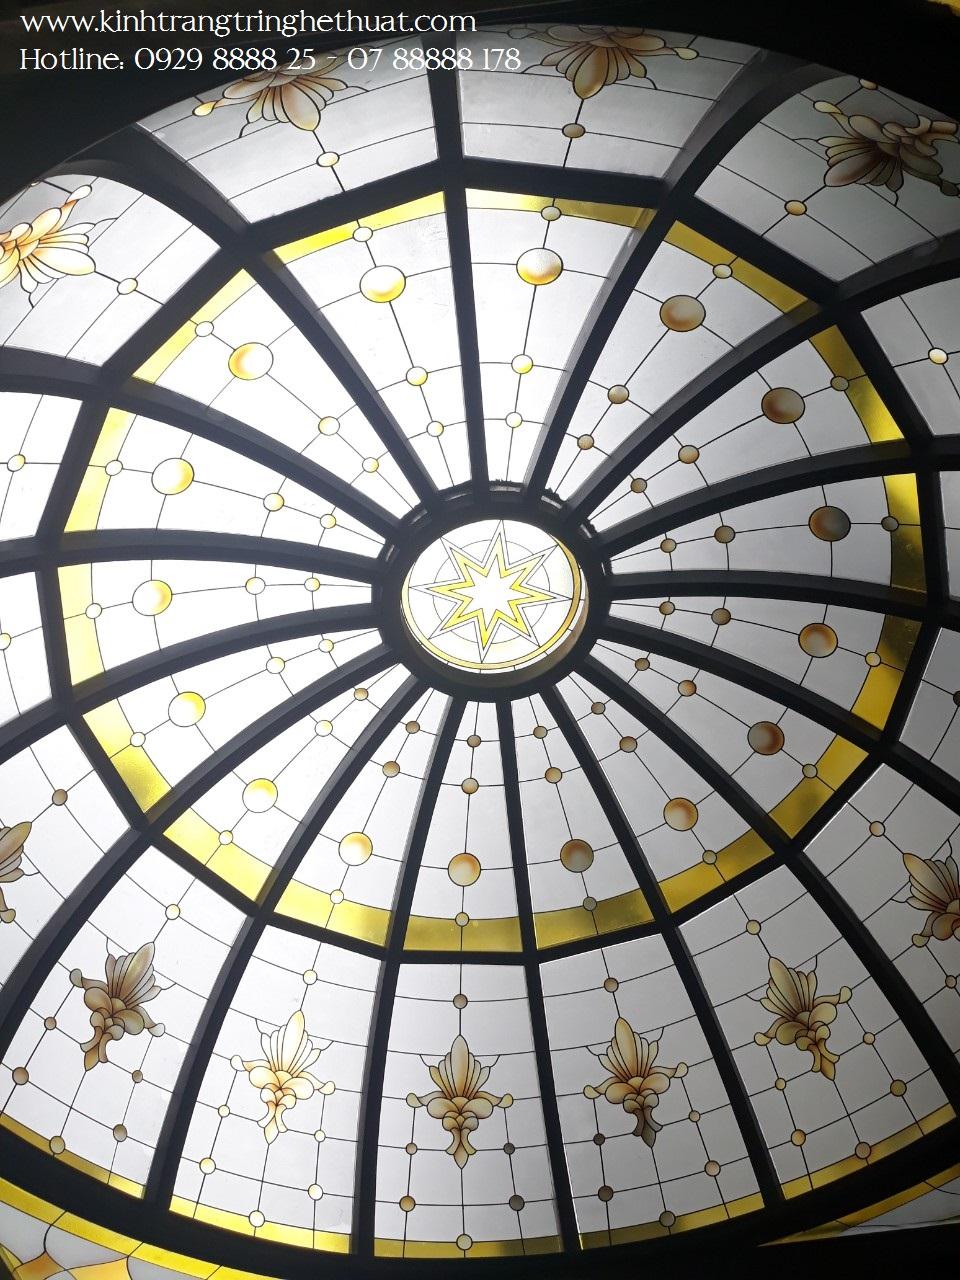 Trần kính cong hoa văn nghệ thuật